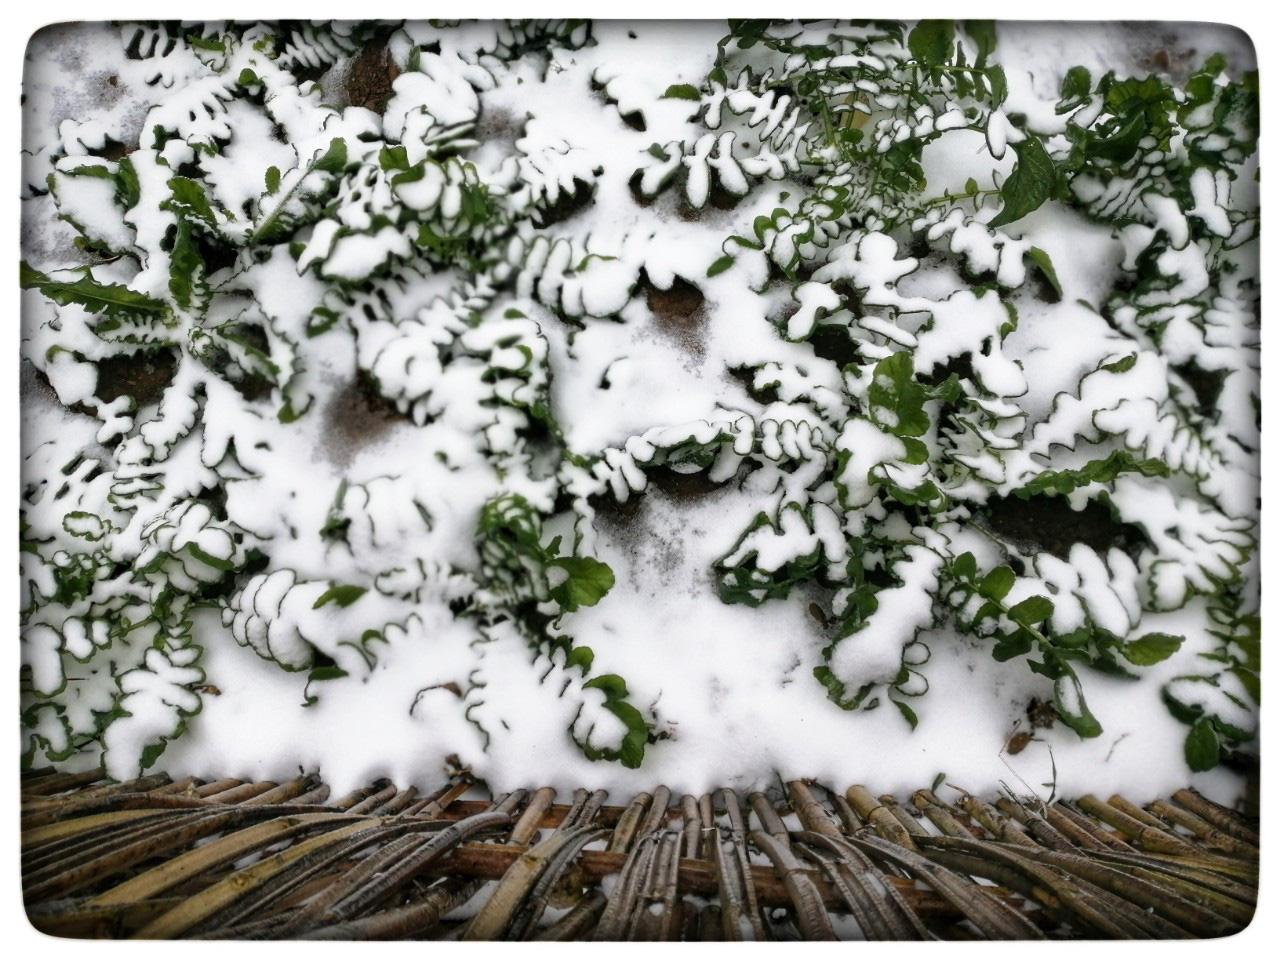 Lào Cai: Lạnh -3 độ C, Y Tý ngày tuyết rơi như chiếc tủ lạnh khổng lồ, đẹp như trời Âu - Ảnh 16.